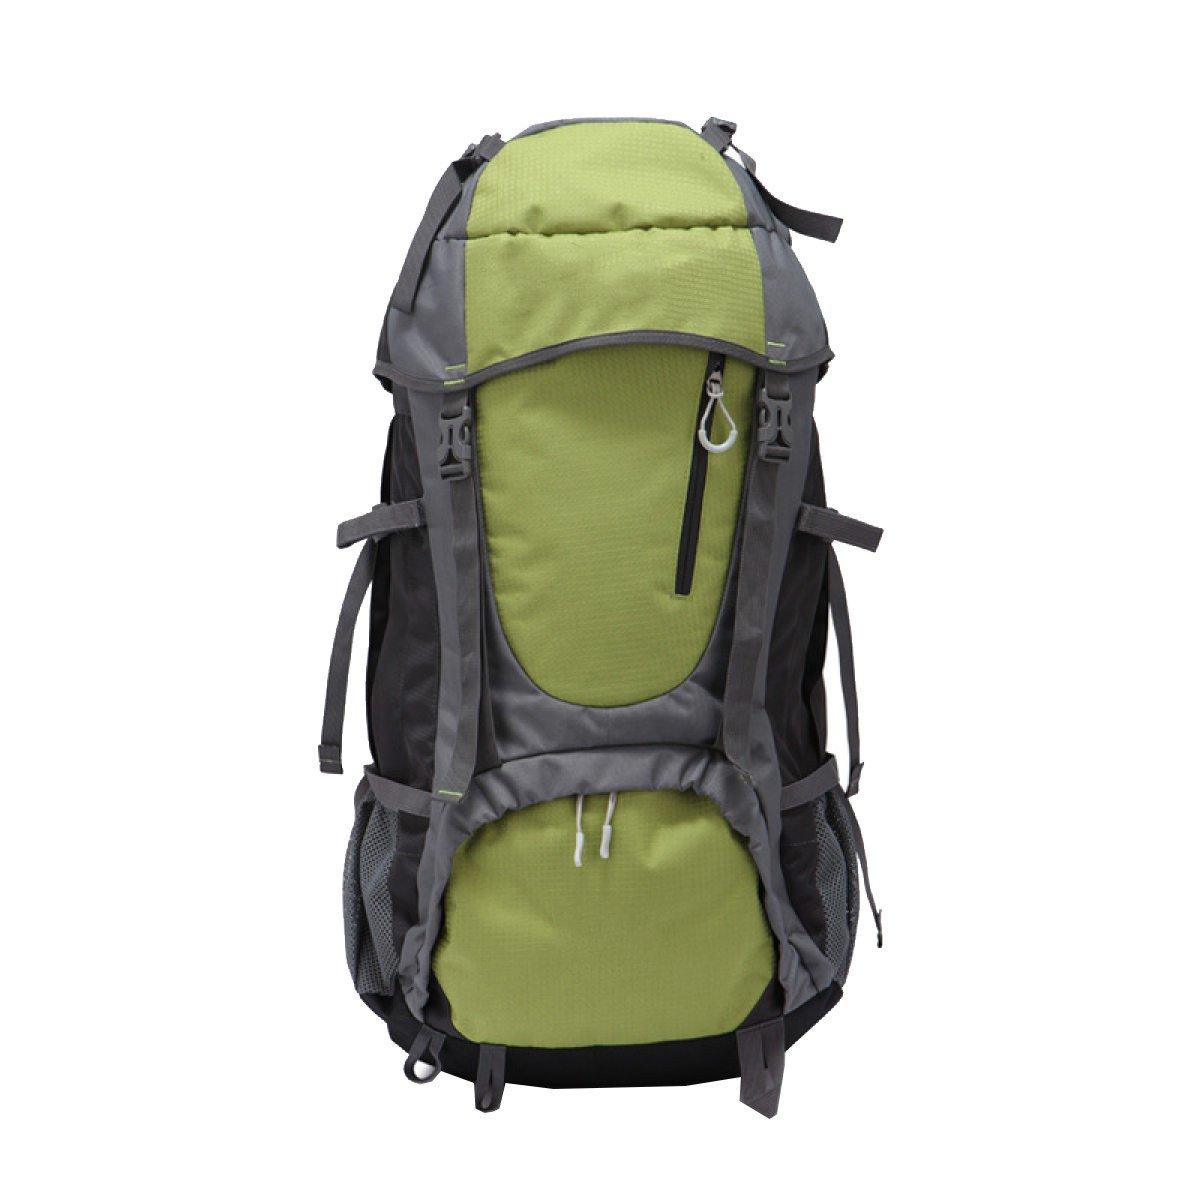 60L Taktischer Militärischer Rucksack Outdoor-Sporttasche Angriff Rucksack Taschen Jagd Camping Wandern Outdoor-Ausrüstung Rucksäcke. Multicolor,Orange-40*23*80cm Yy.f handbags